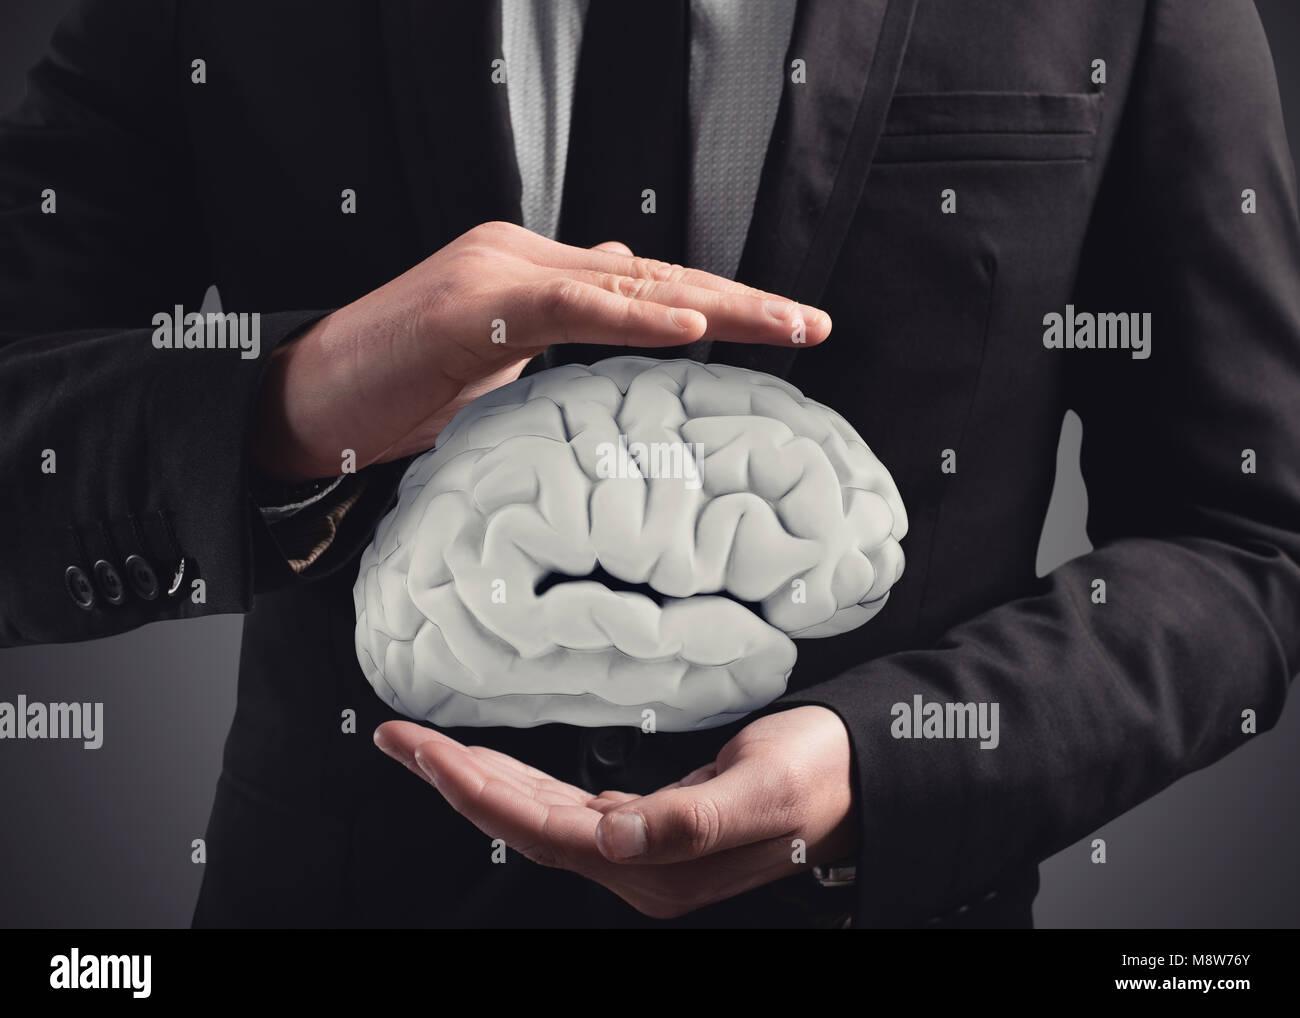 El hombre protege un cerebro con sus manos. 3D Rendering Imagen De Stock